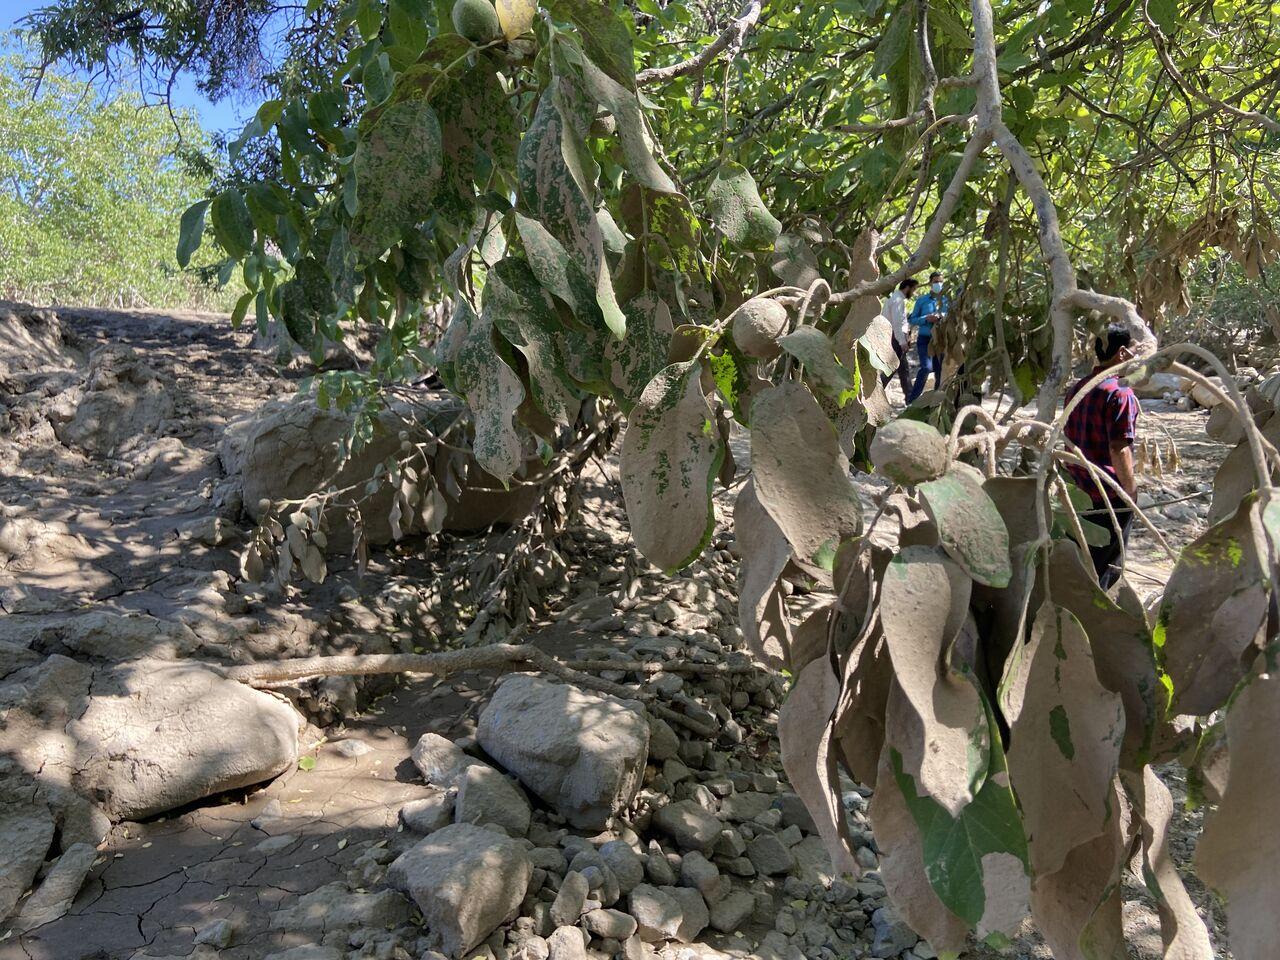 خسارت سیل در جیرفت ۲۴ میلیارد تومان اعلام شد